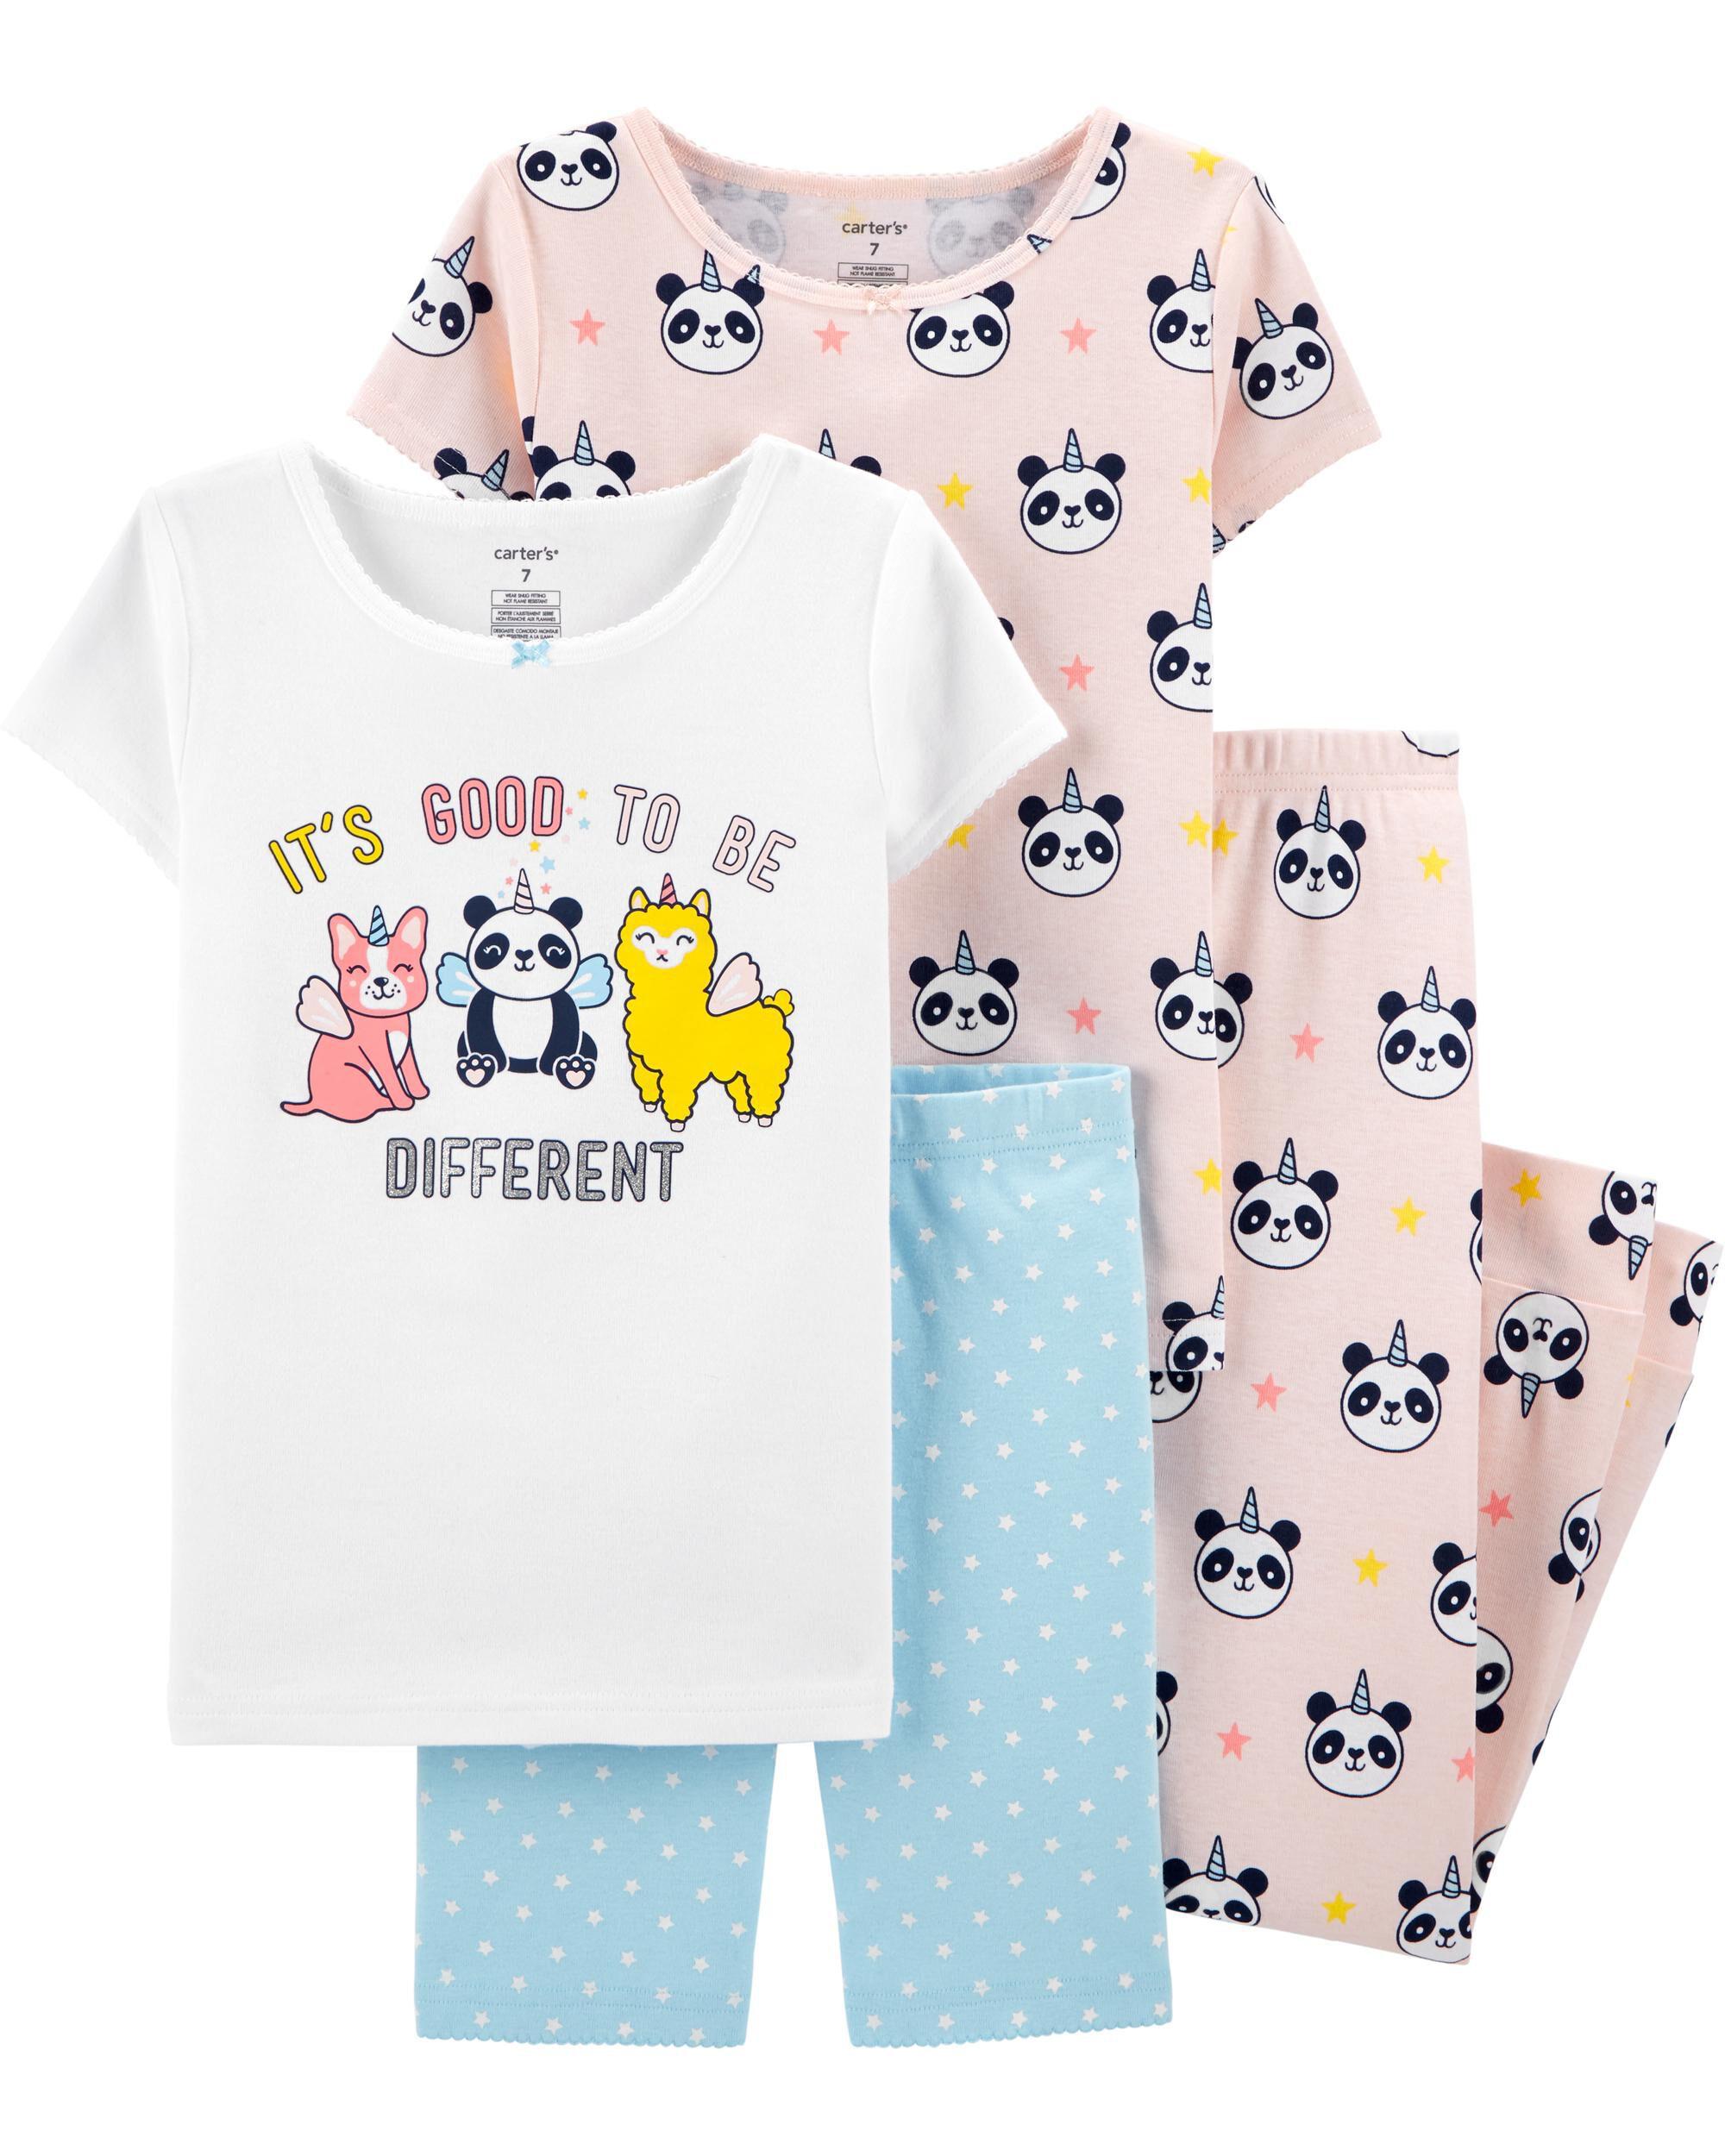 4-Piece Panda Unicorn Snug Fit Cotton PJs